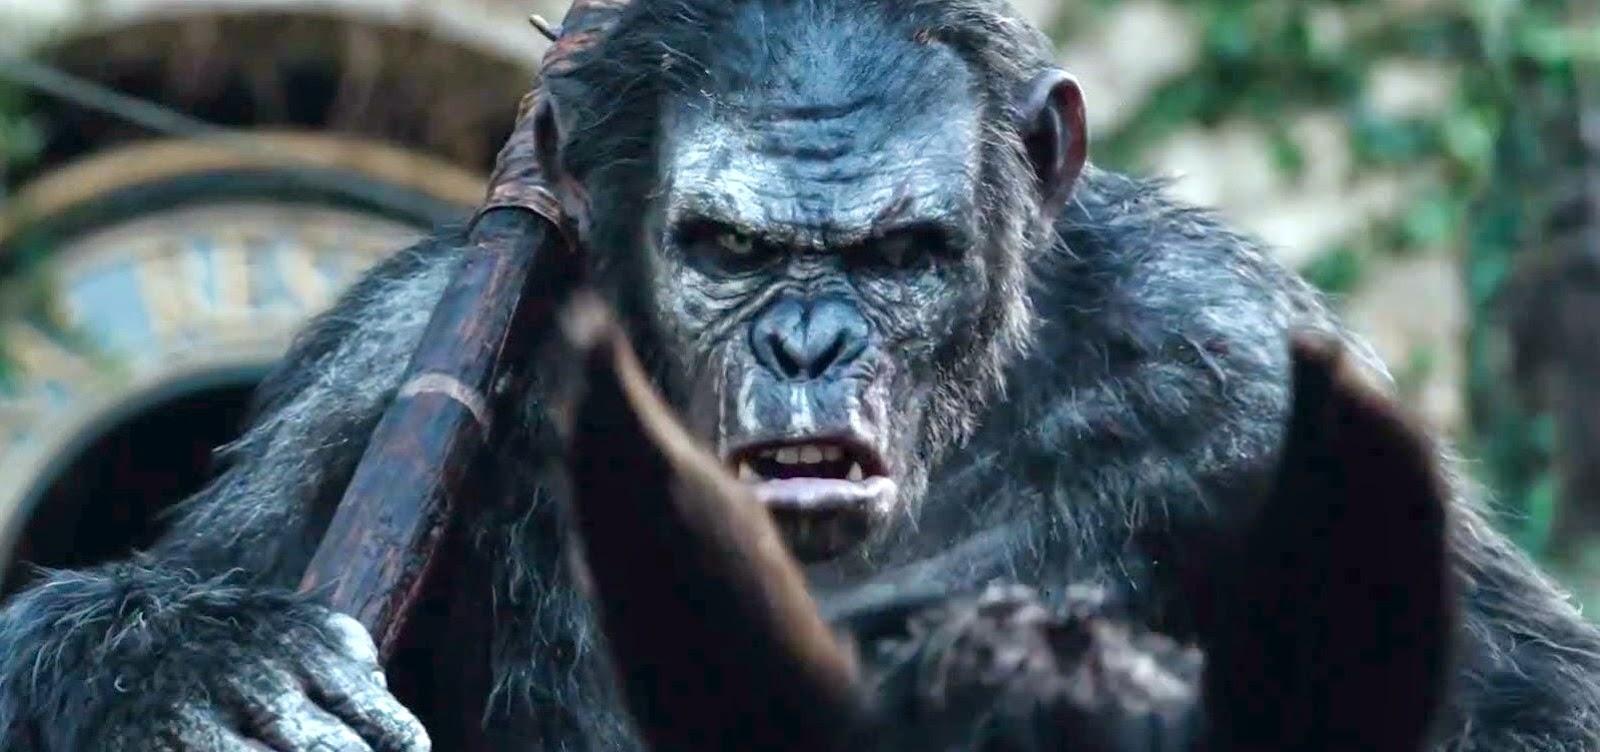 Comercial estendido, featurette e pôster inéditos da sequência Planeta dos Macacos: O Confronto